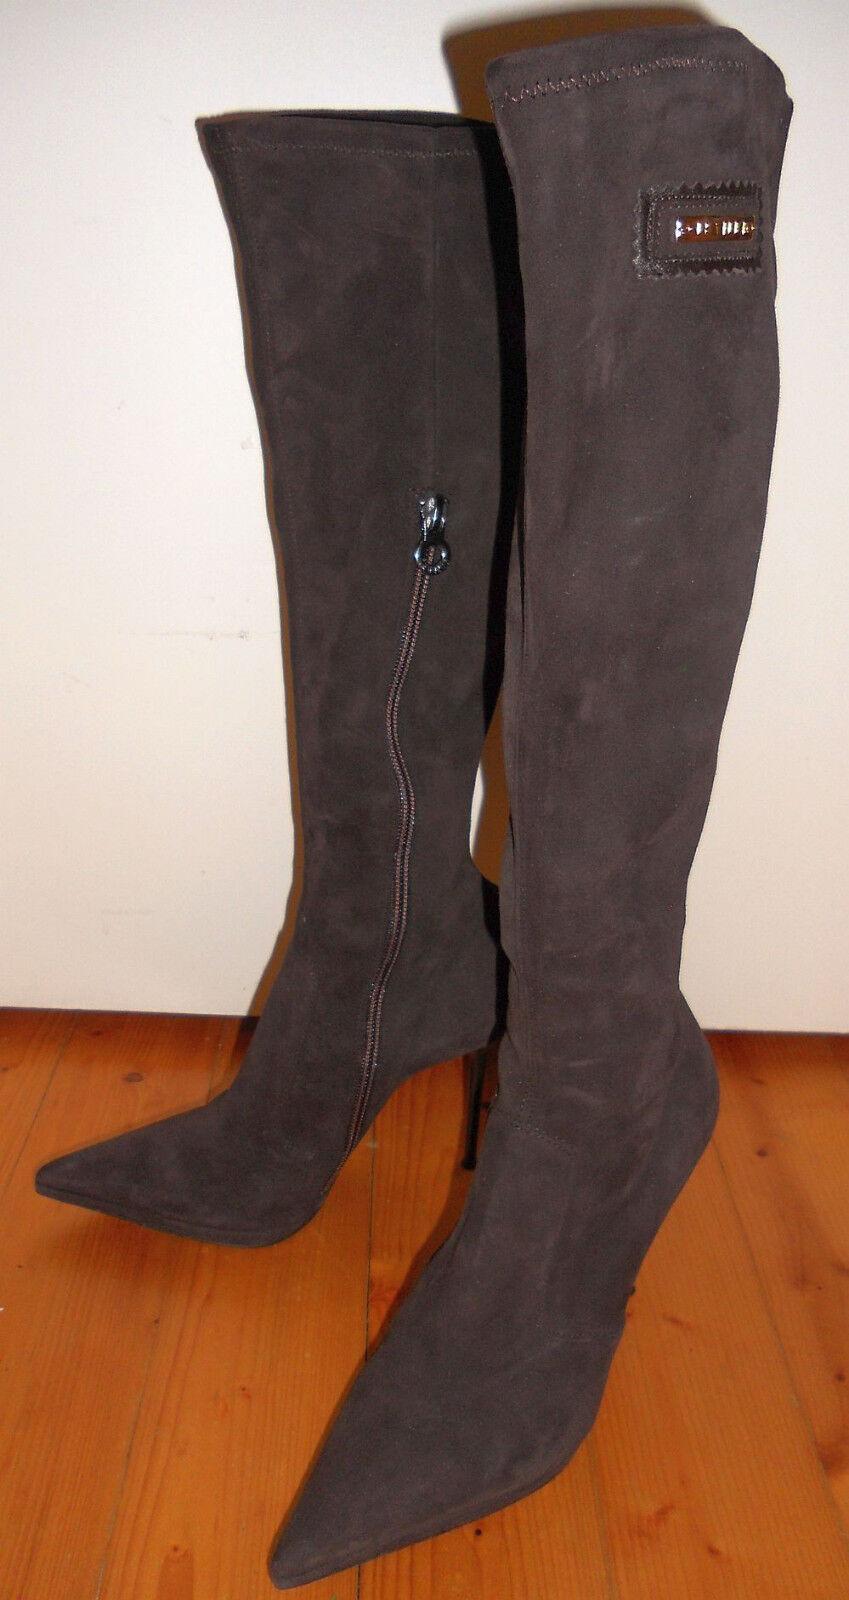 Originale le silla botas de gamuza tamaño 36 marrón